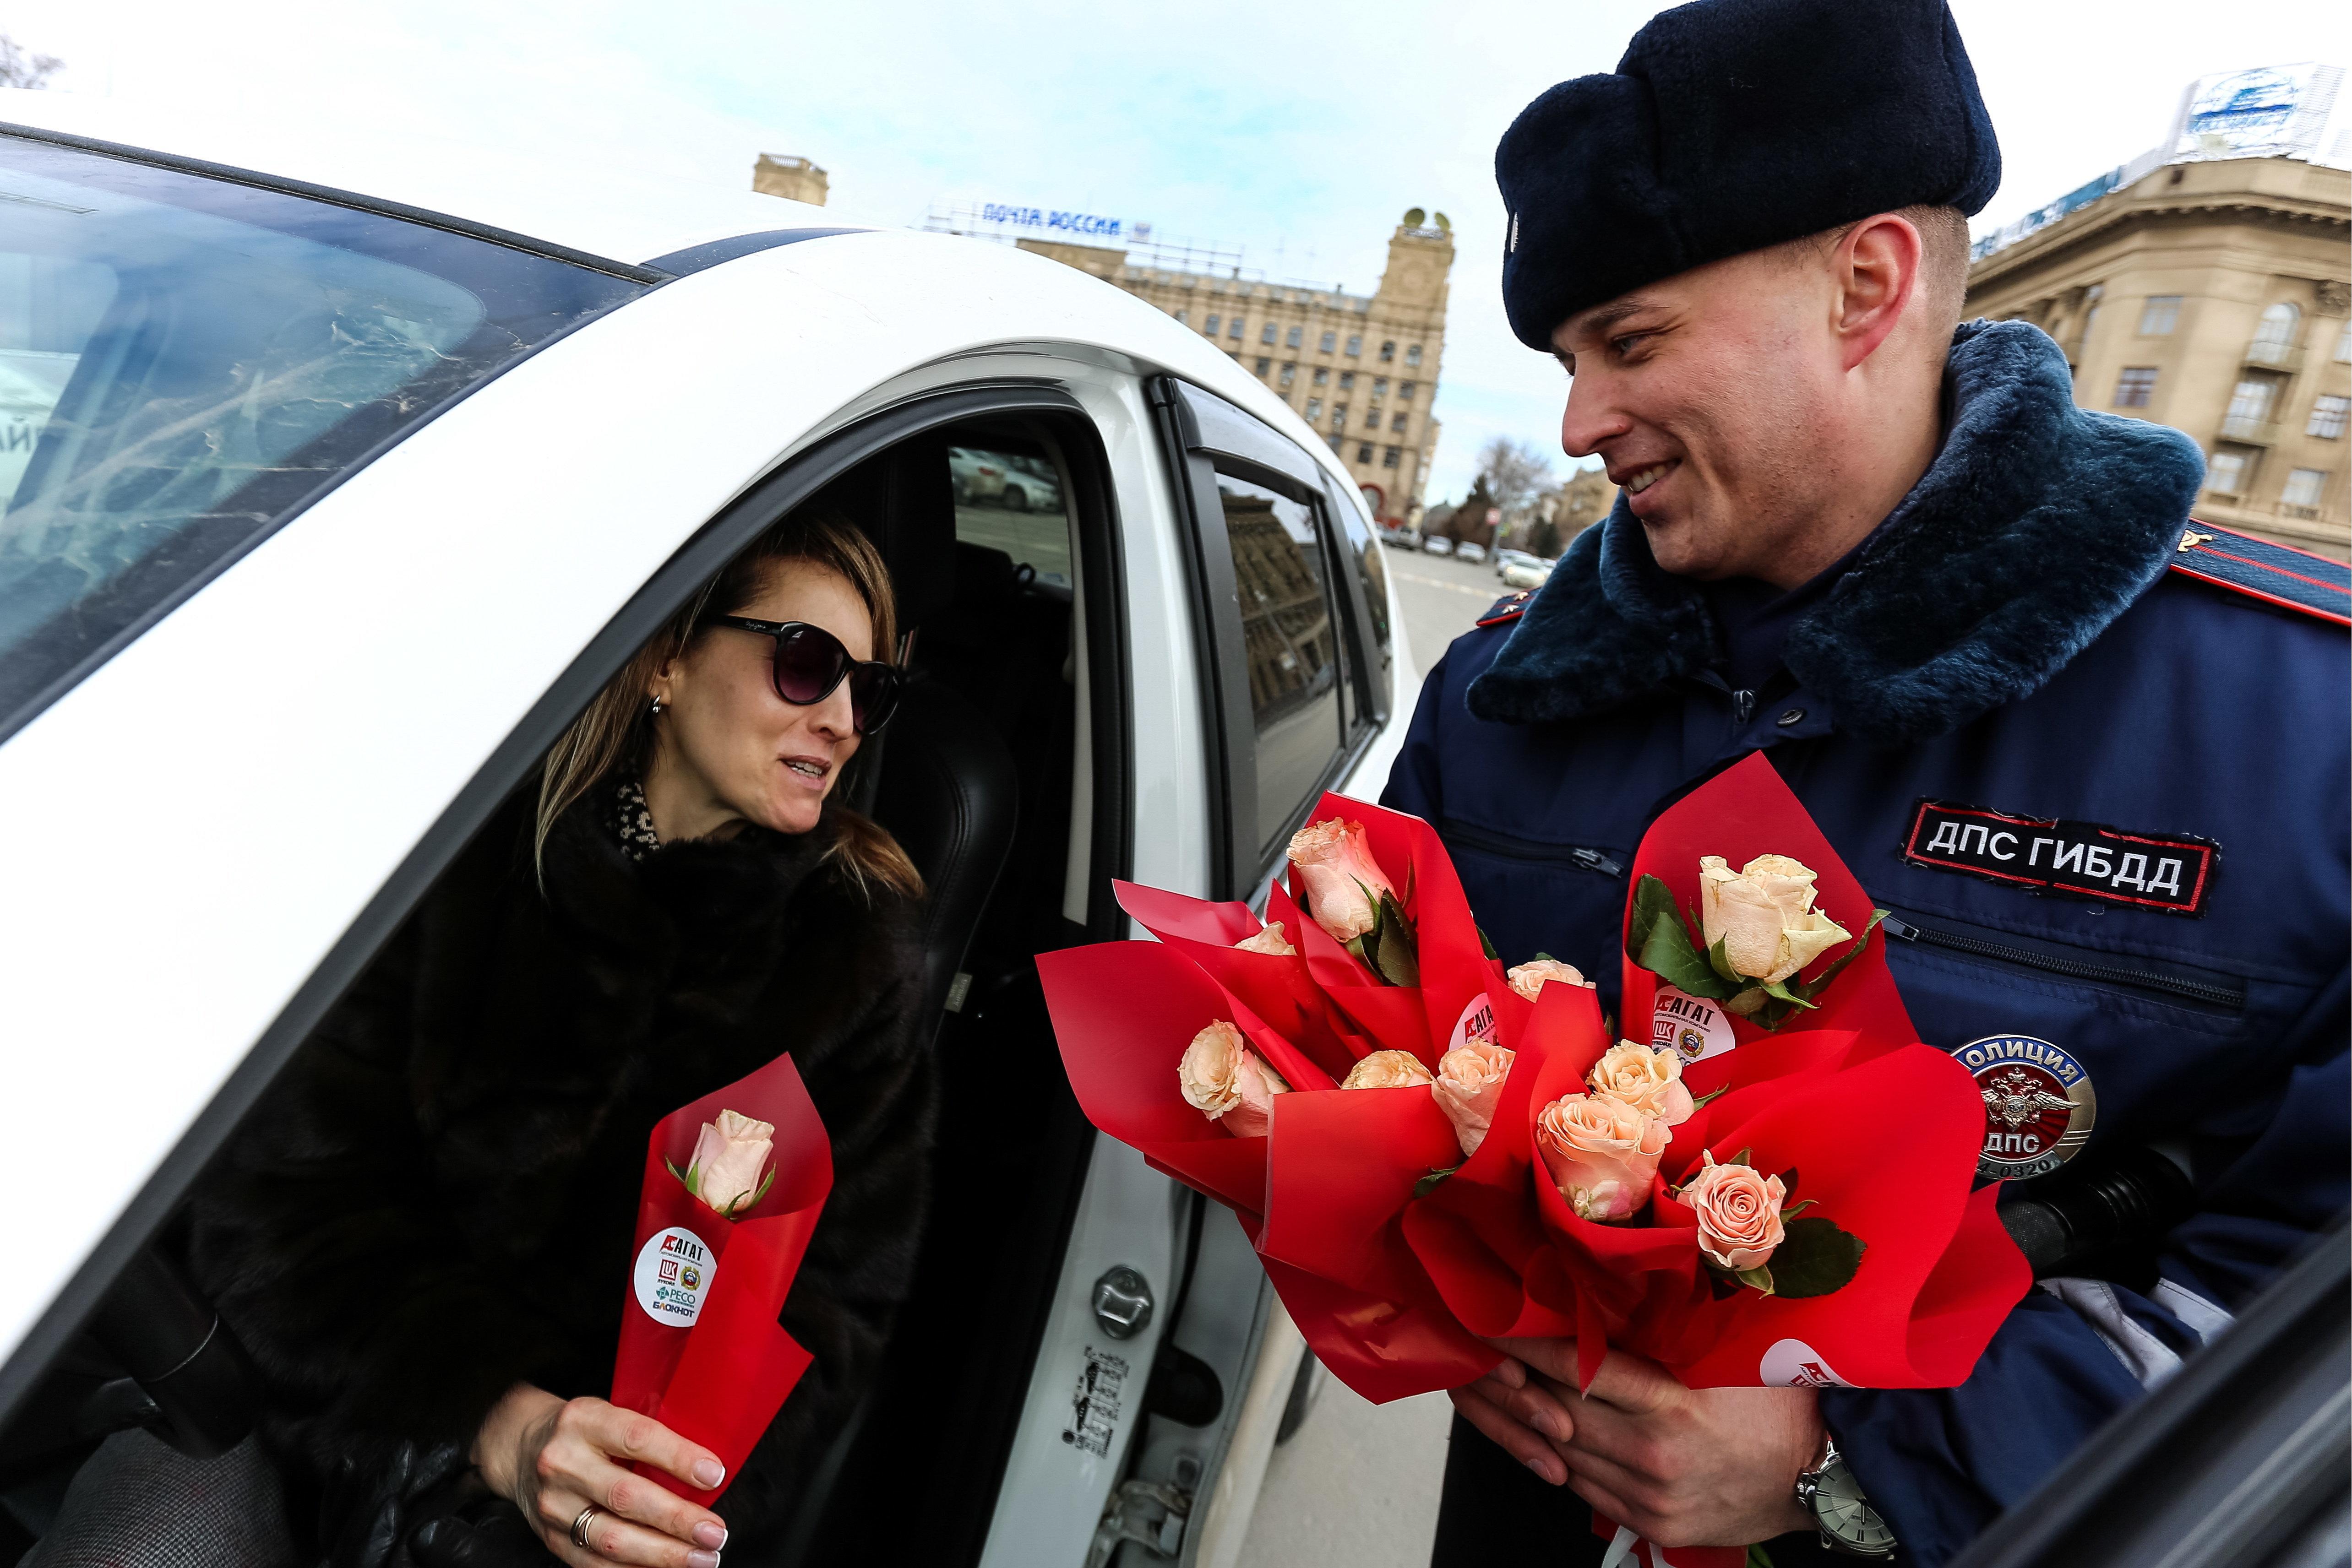 国際女性デーを記念して、通行する車の女性運転手(左)に花を贈る男性の交通警察官=3月7日、ロシア・ボルゴグラード